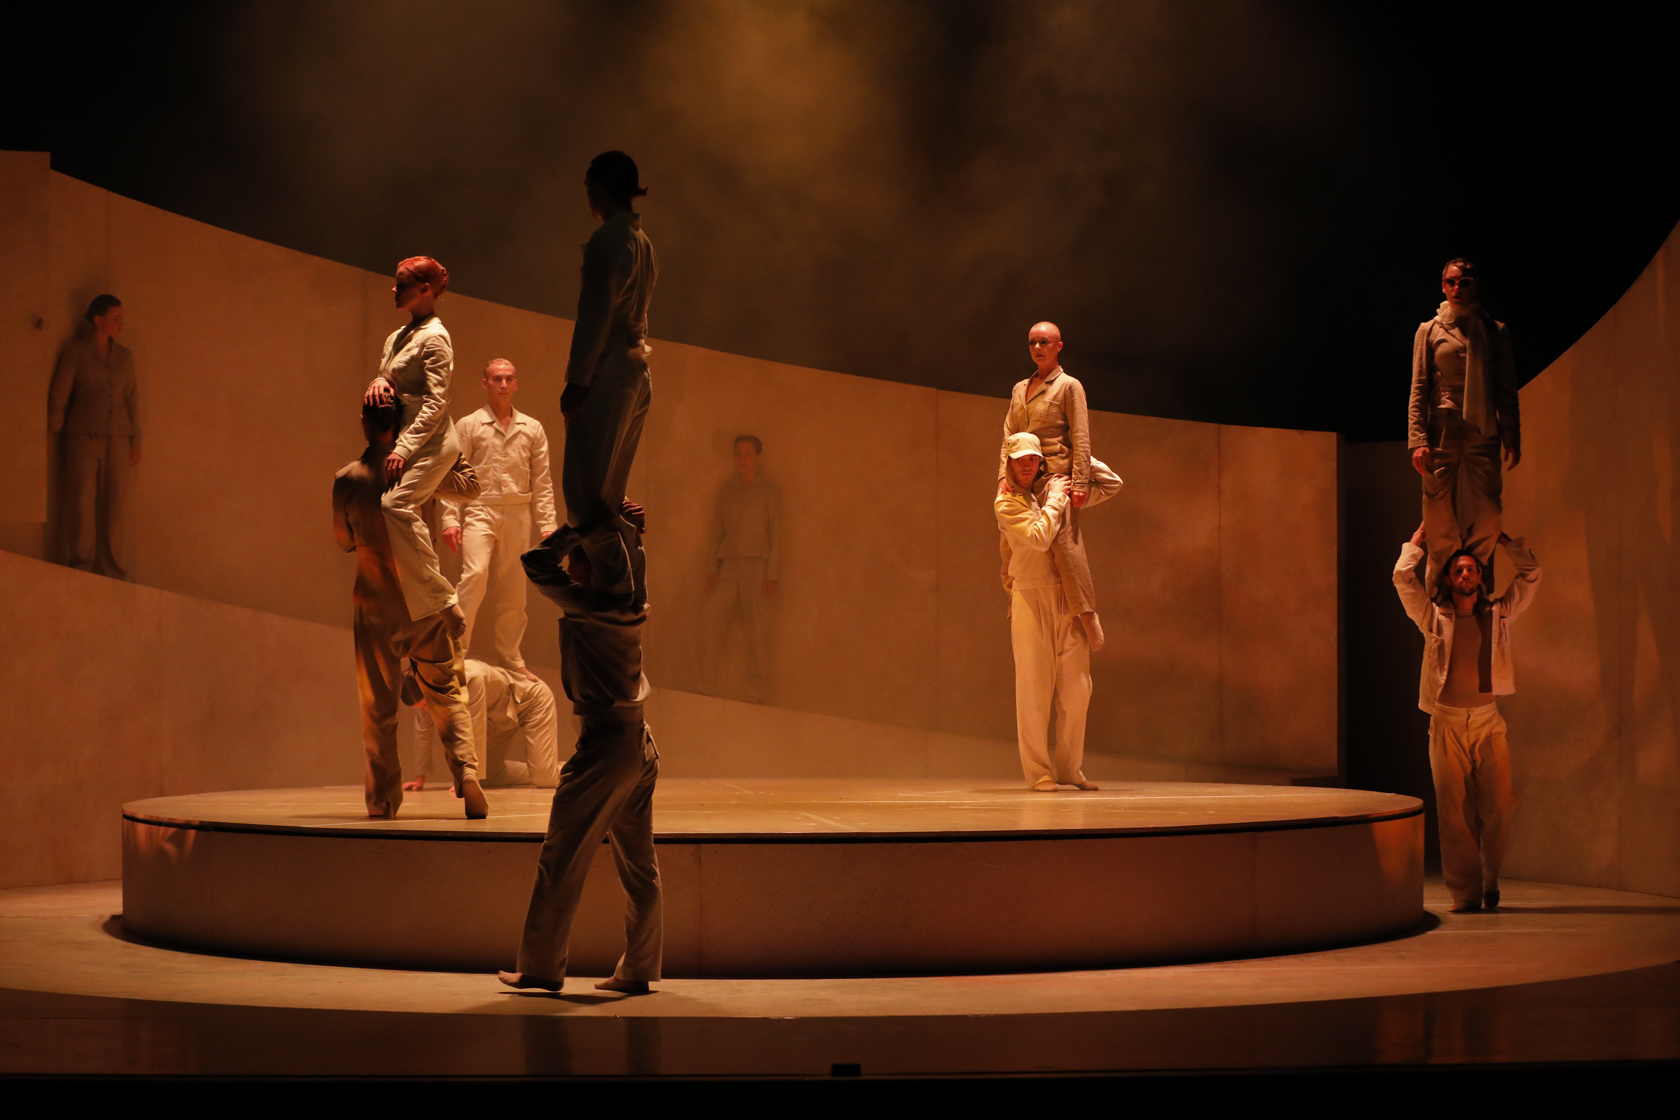 Dansers op en rondom een rond podium in oranje licht met rook. Zij lopen rond en dragen een andere danser op de schouders.